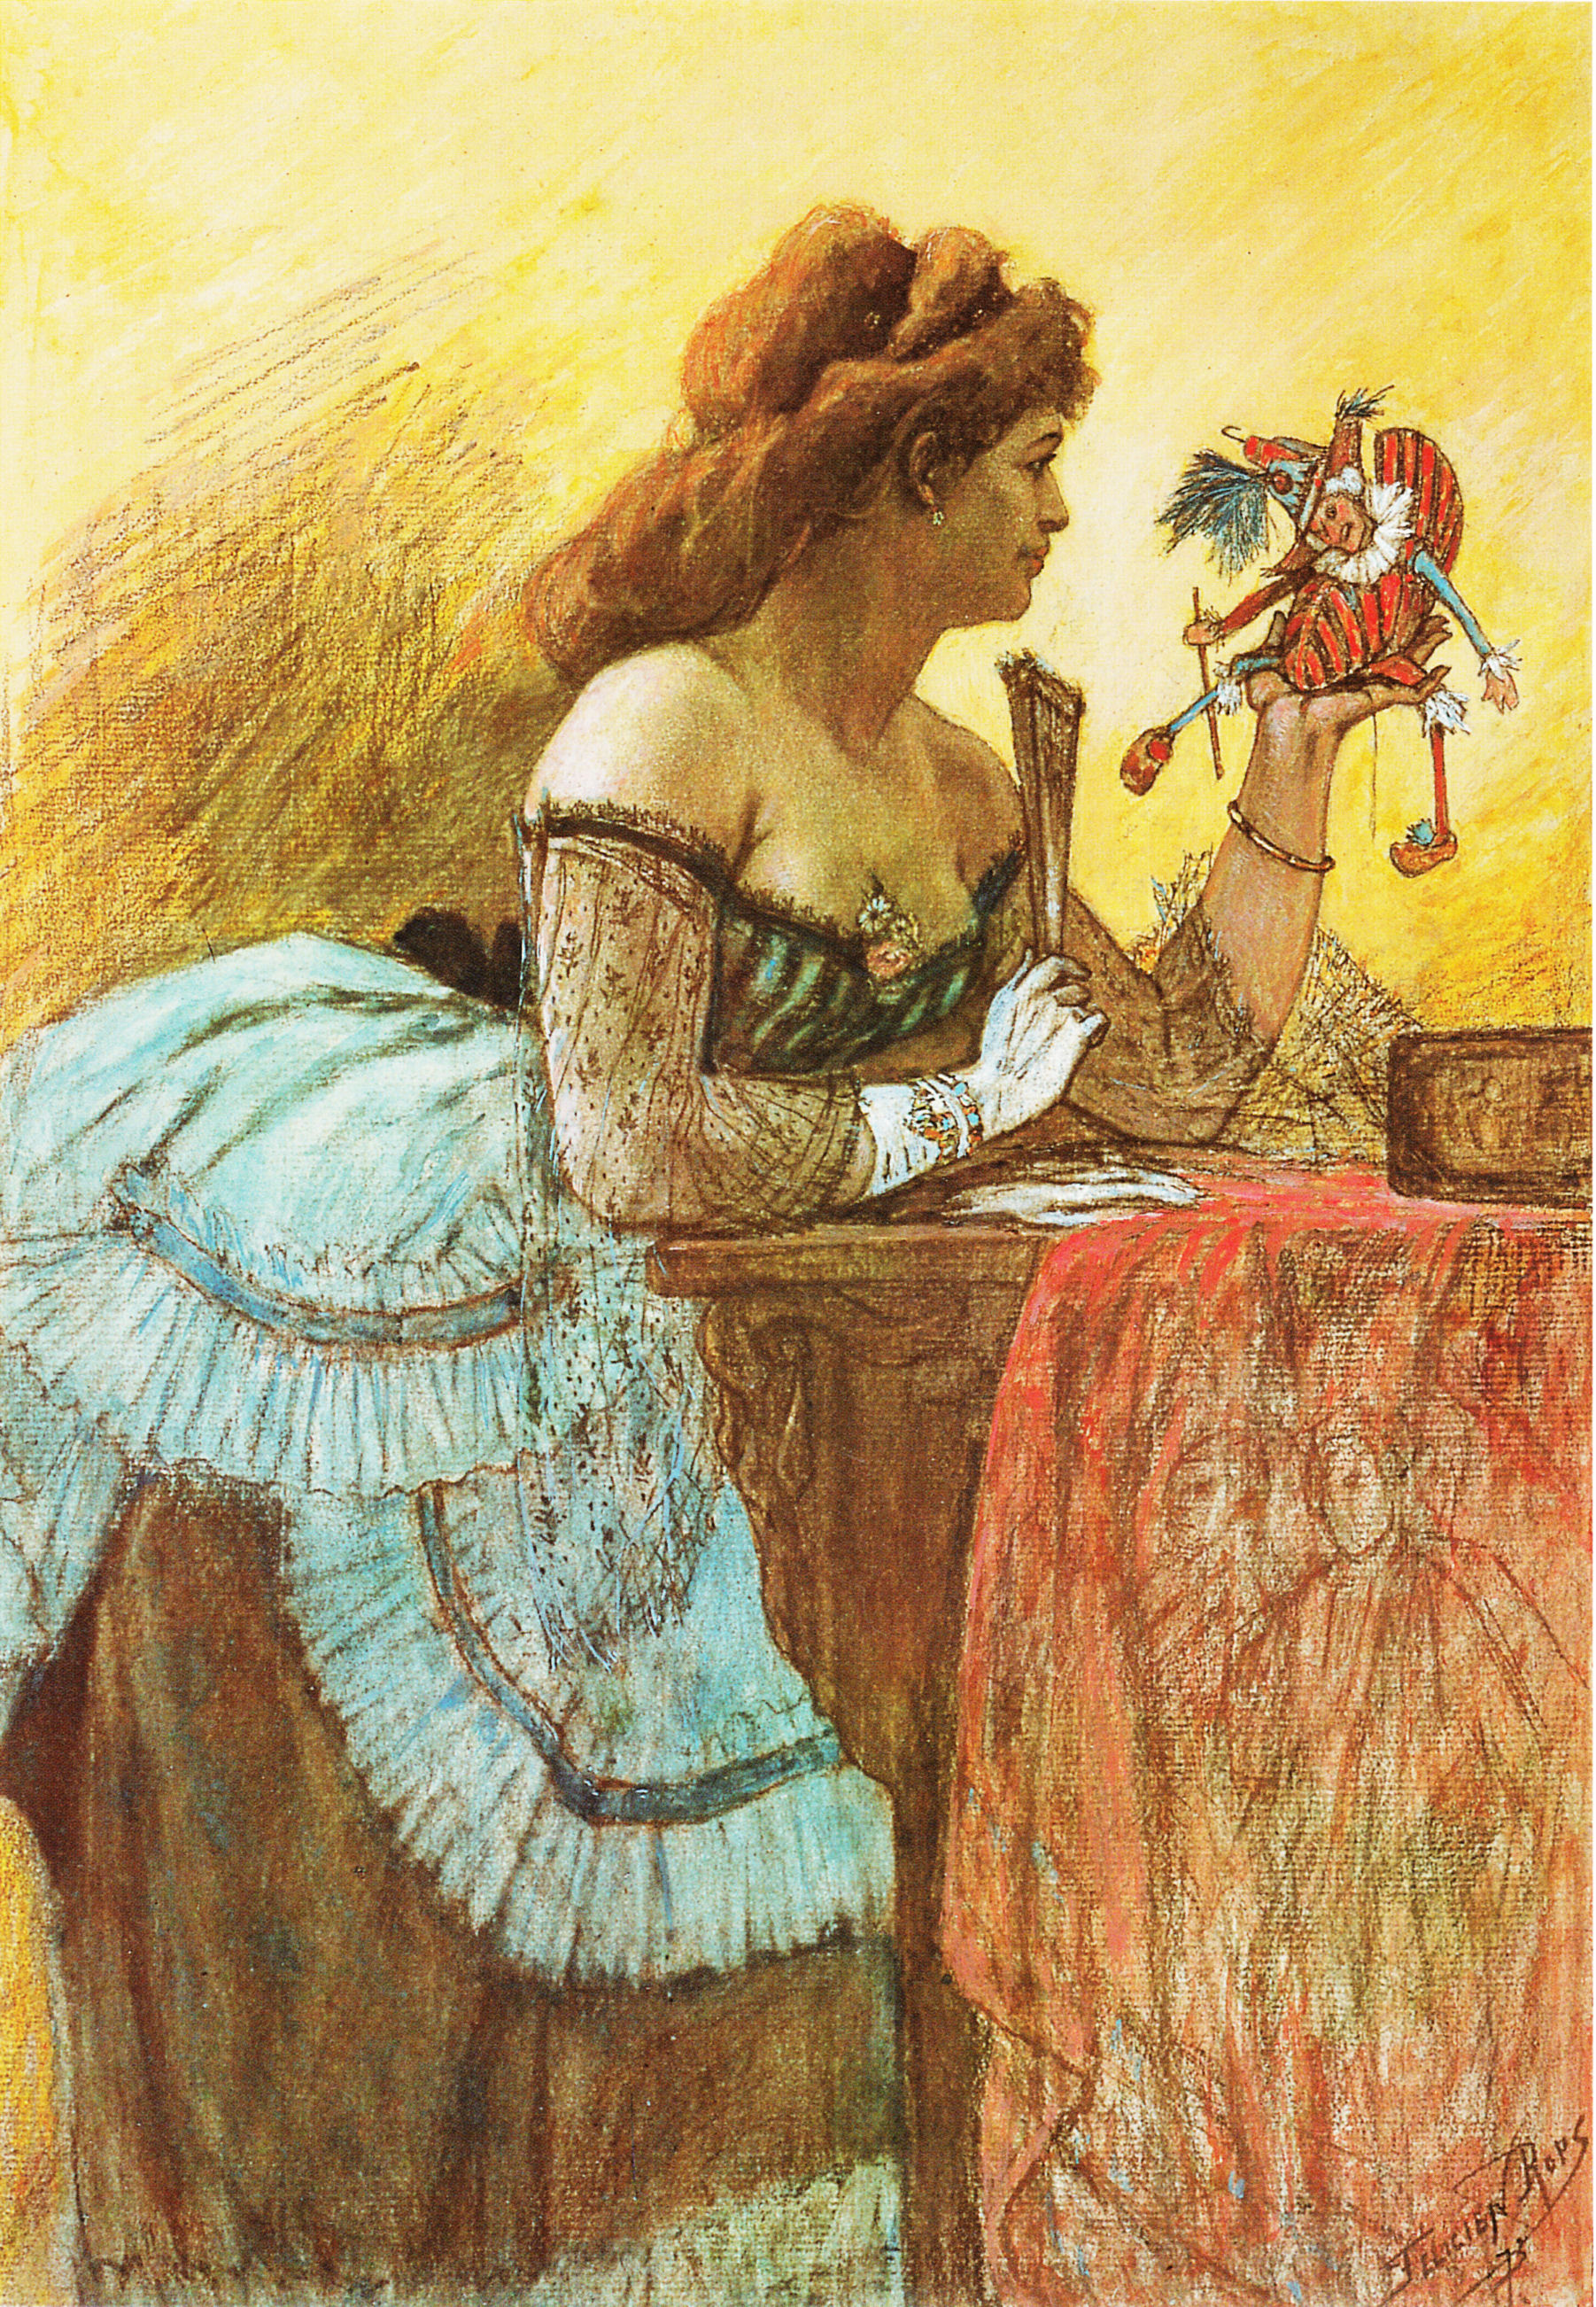 La Dame au Pantin et à l'éventail, Félicien Rops, 1873